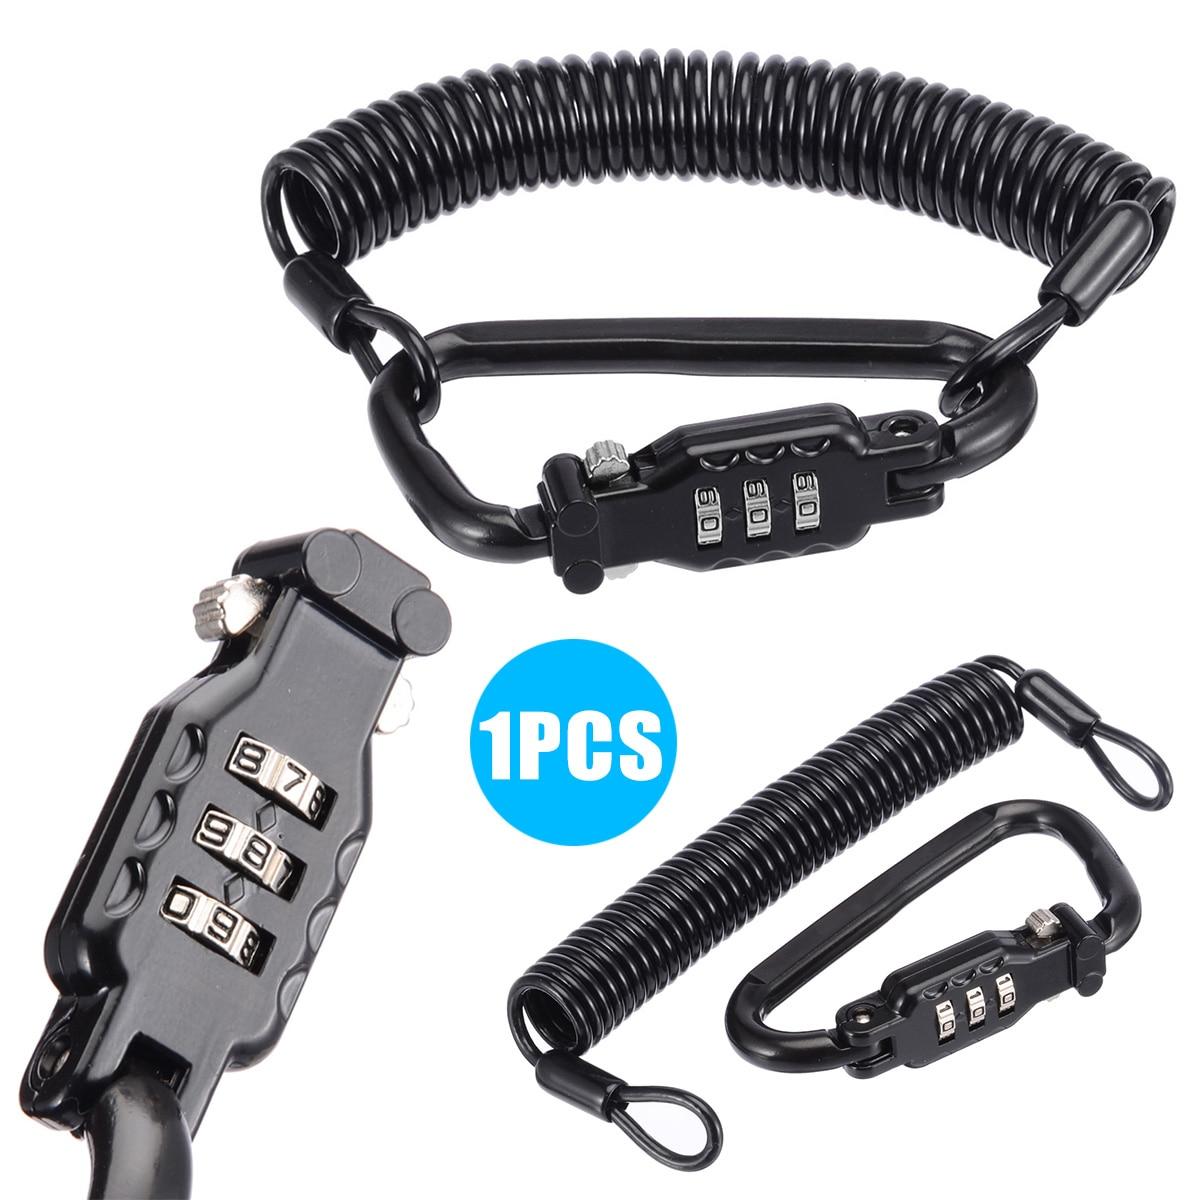 Treyues Universal Motorcycle Helmet Lock 999 Secret PIN Code Helmet Combination Lock 1.8M Braided Steel Cable